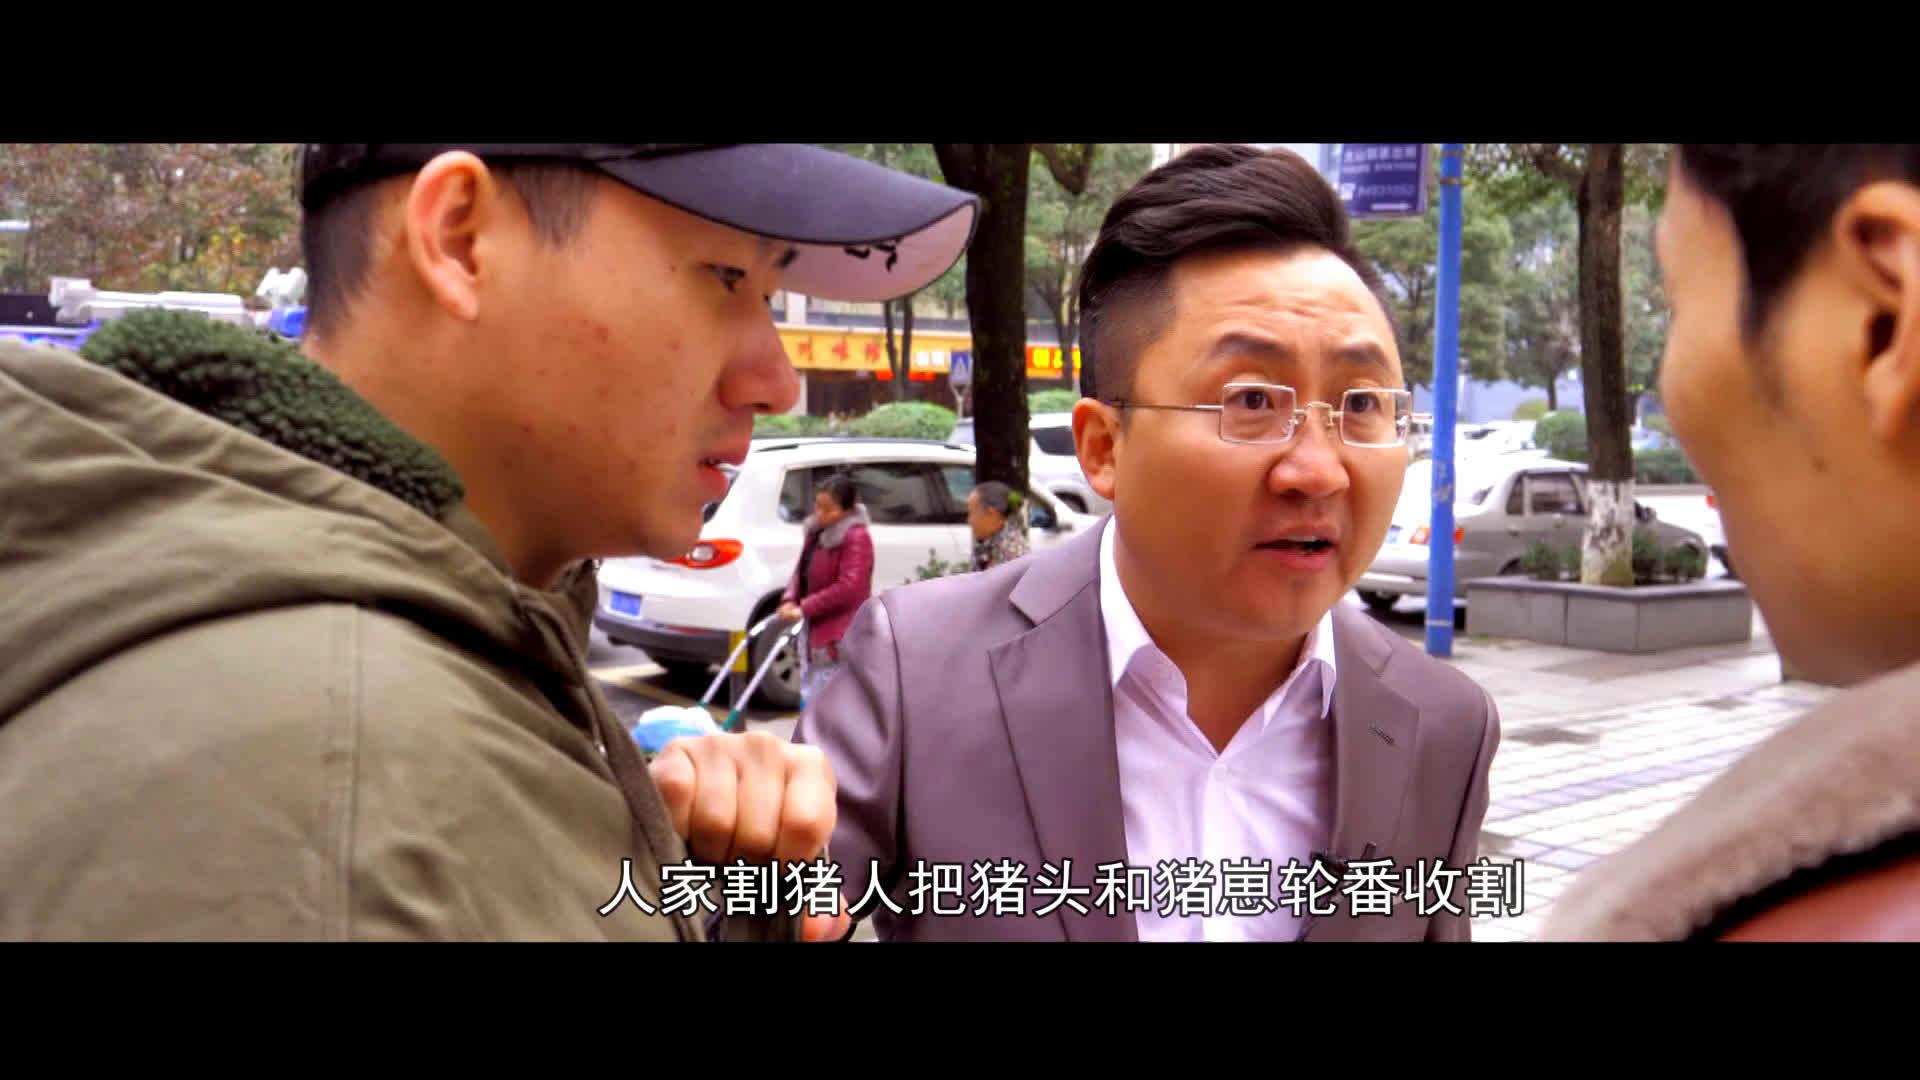 李鸿章当年留下巨额民族财产 快来分红